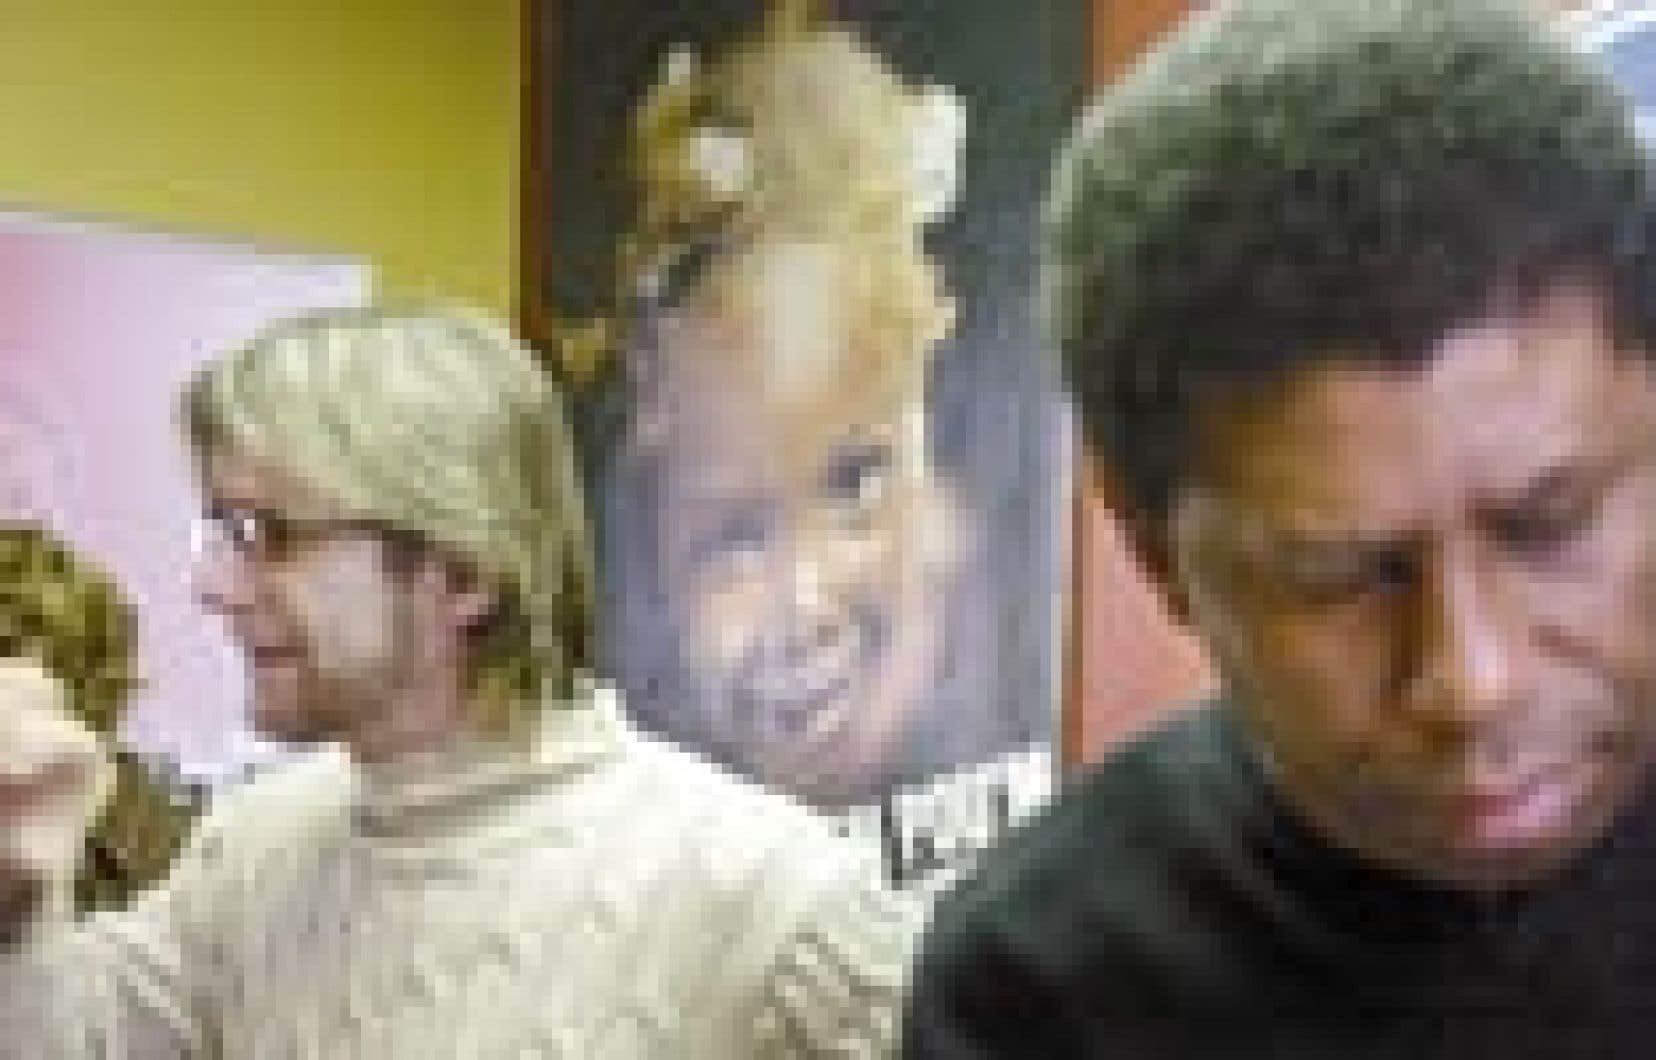 Le Dr Réjean Thomas, président de Médecins du monde Canada, accompagné de l'écrivain d'origine haïtienne Dany Laferrière, a lancé hier un appel à l'aide pour les mères et leurs enfants victimes du sida en Haïti.